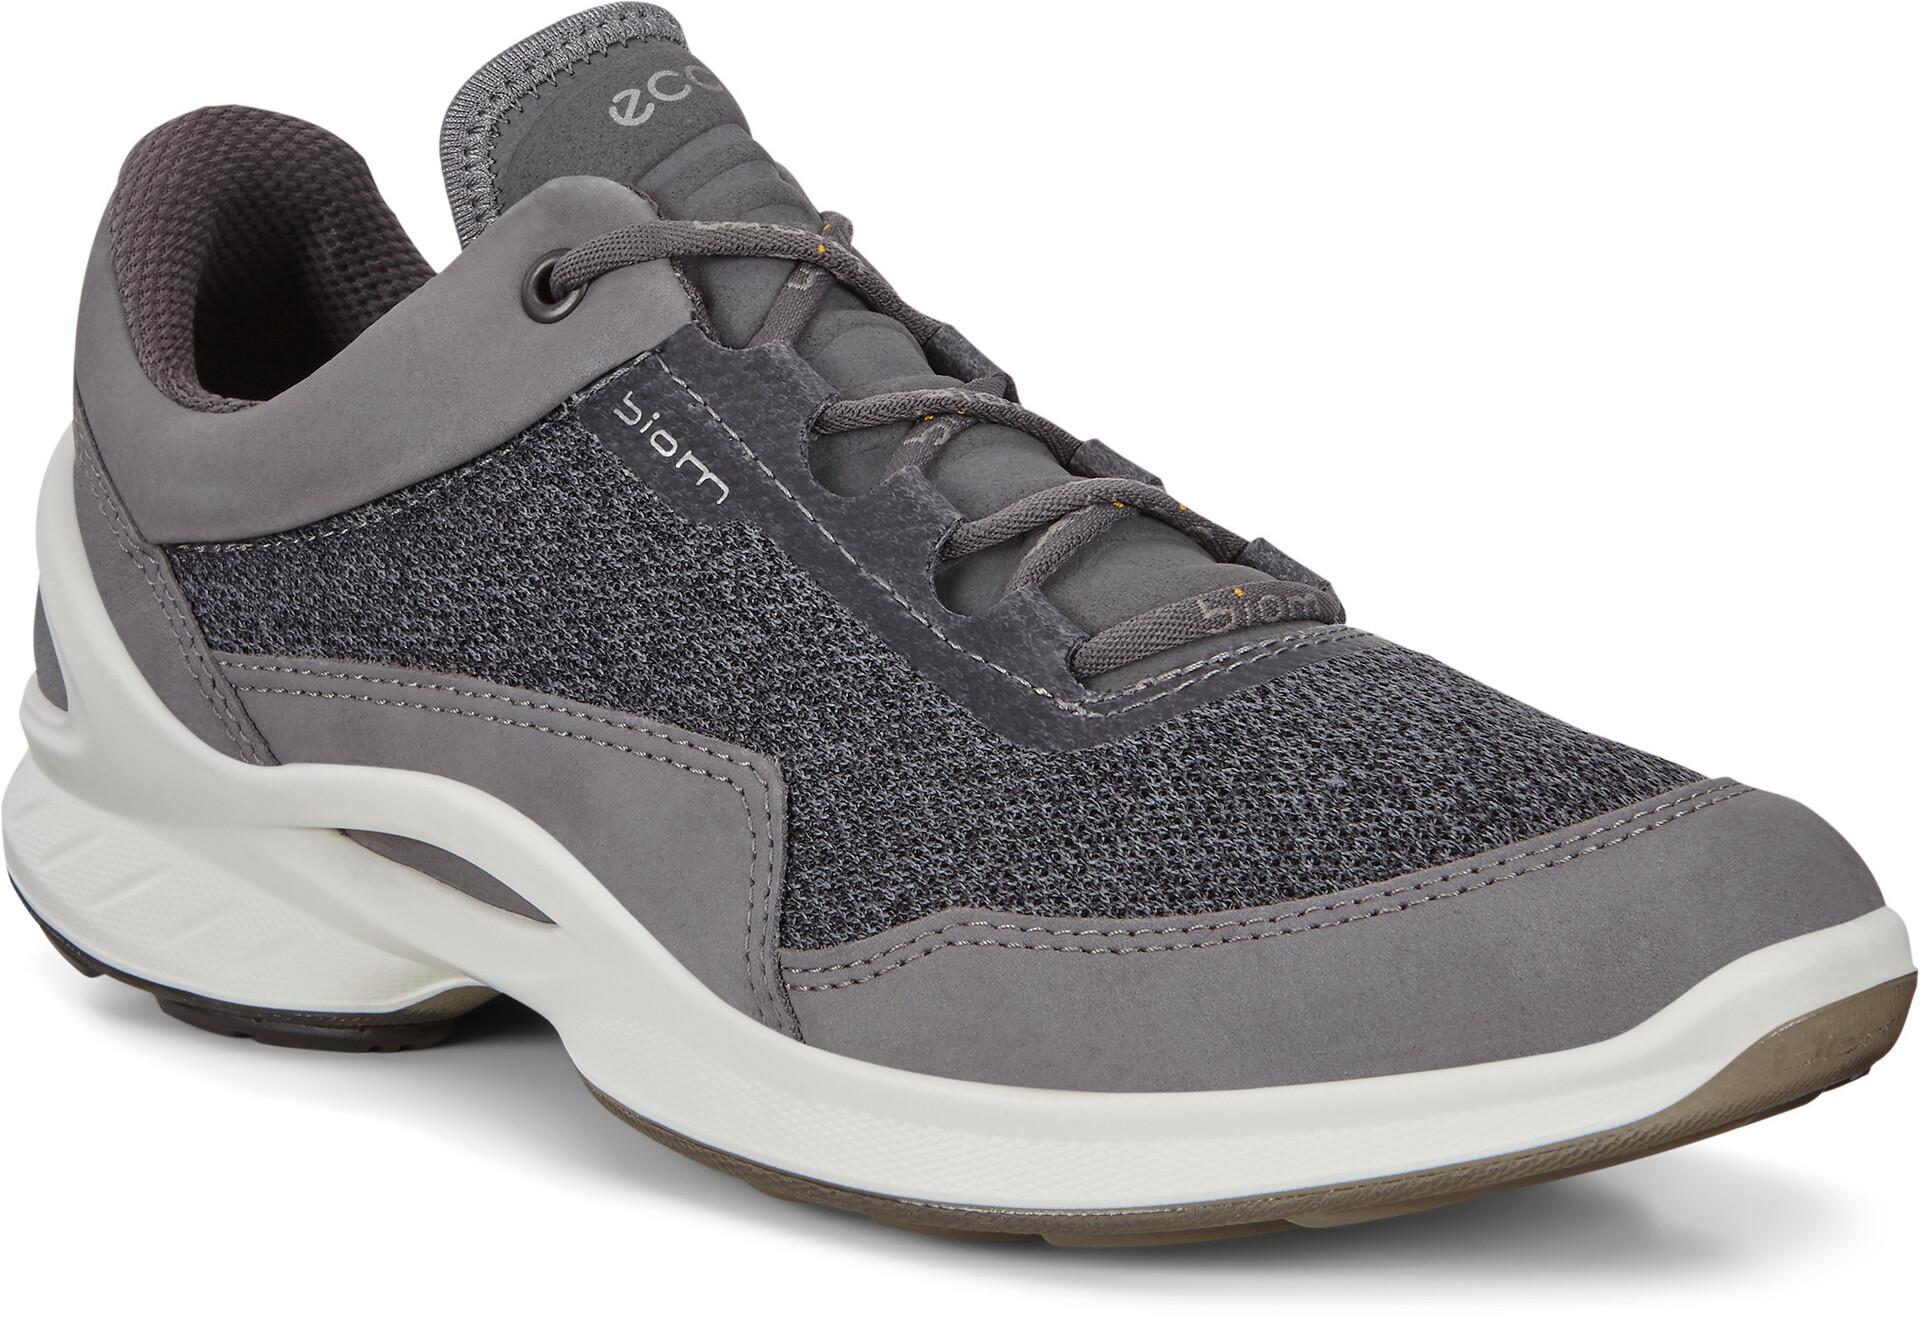 ECCO Biom Fjuel Chaussures Femme, titanium